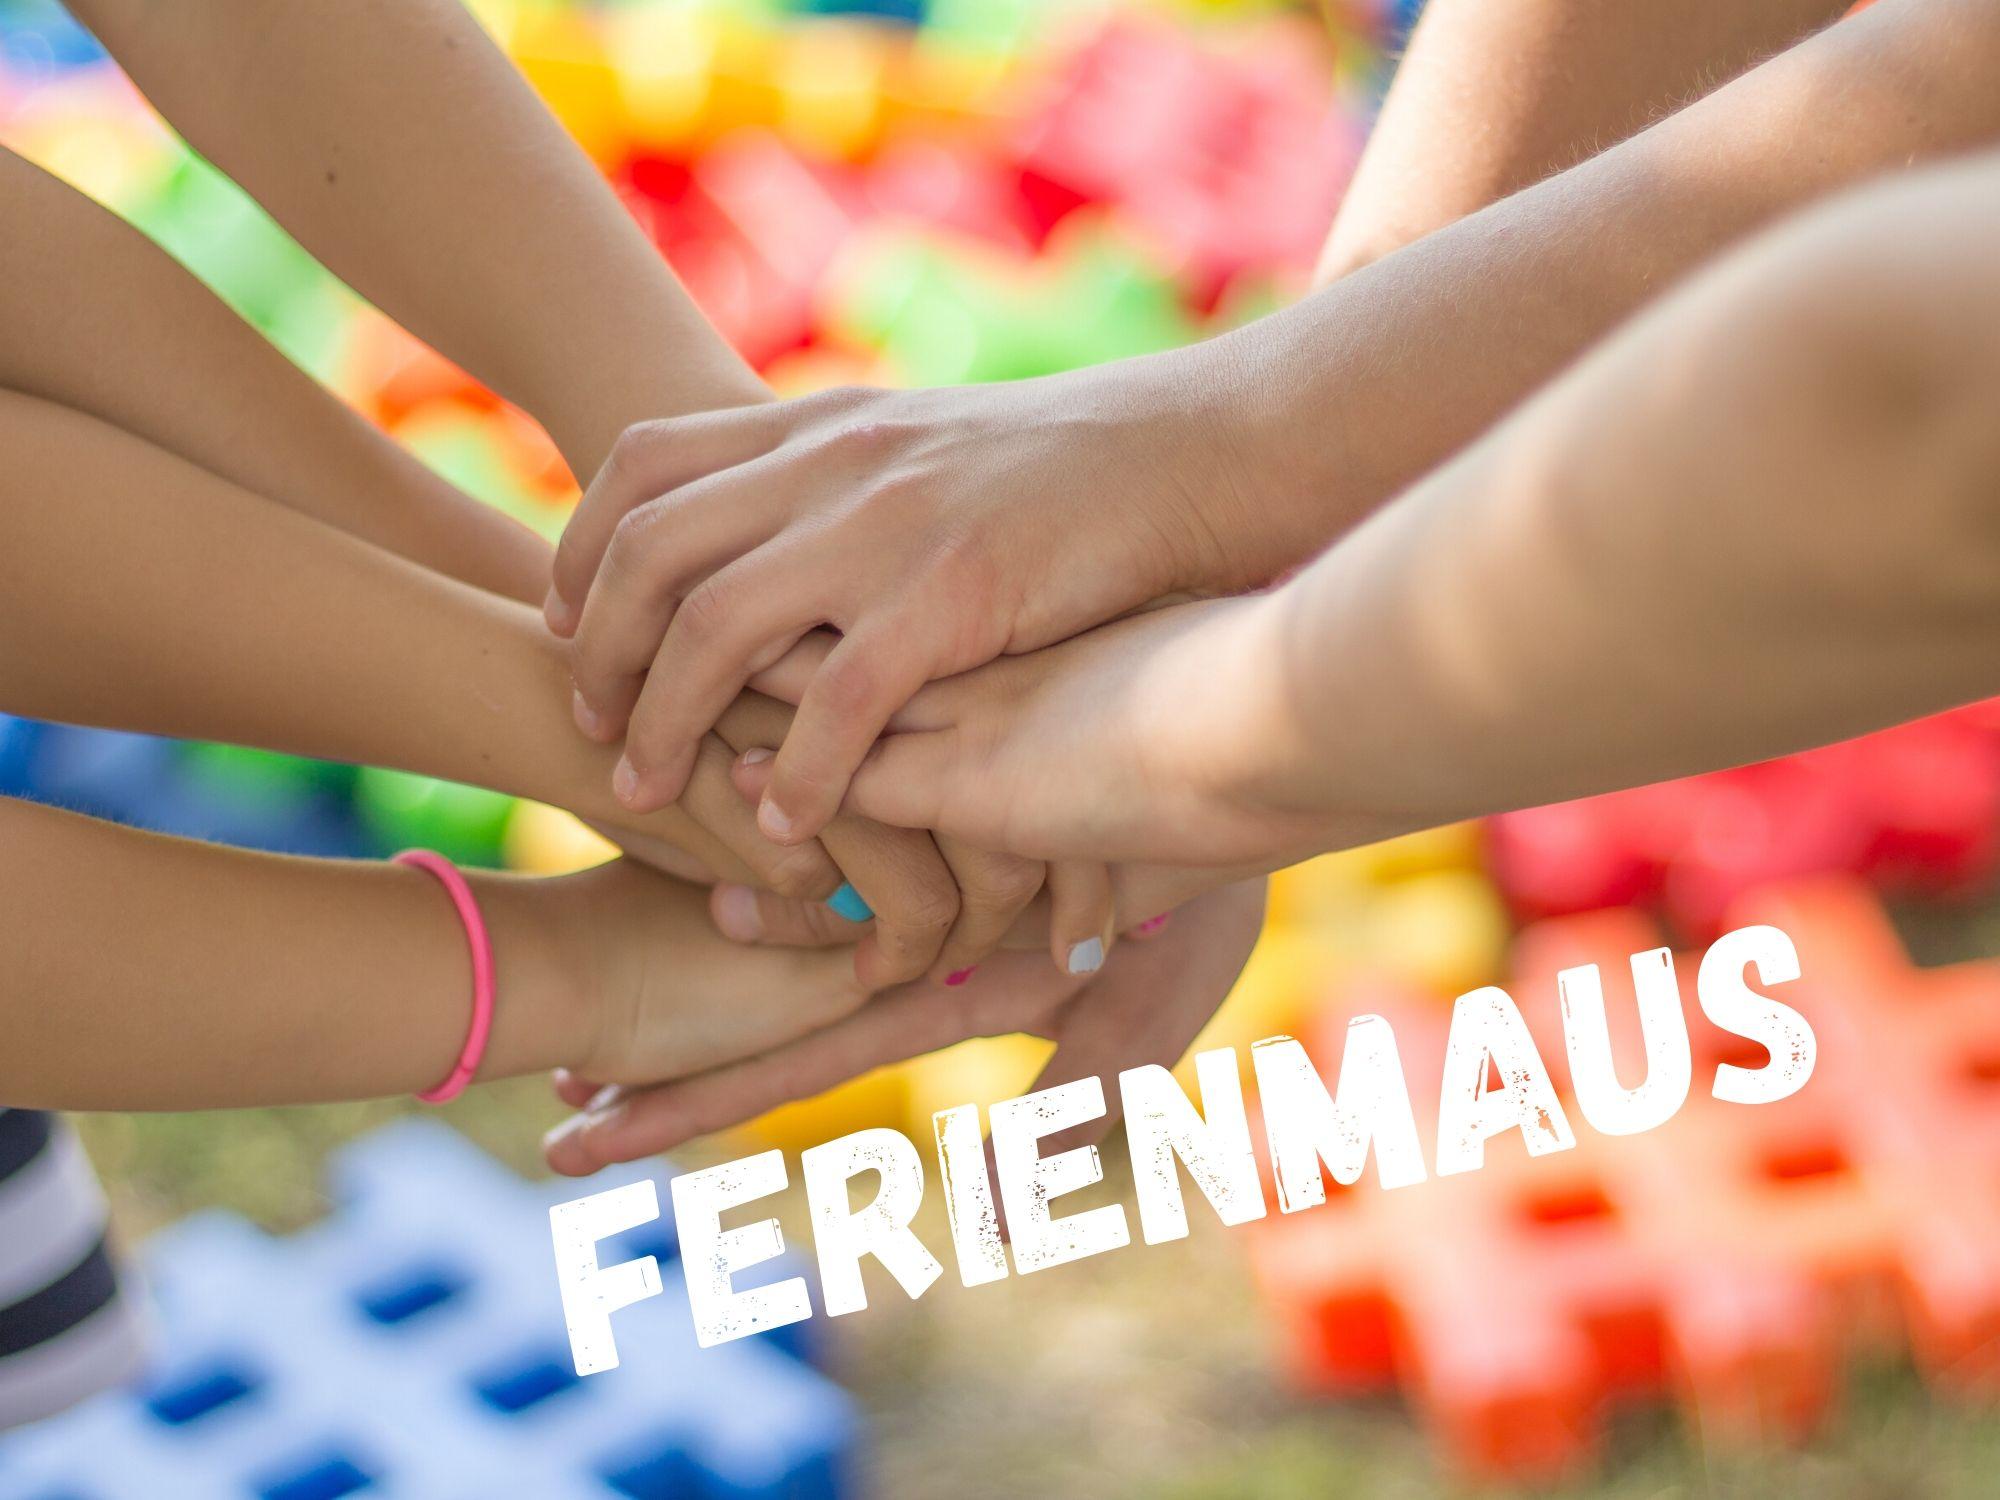 Ferienmaus - Ferienworkshop 4. Woche